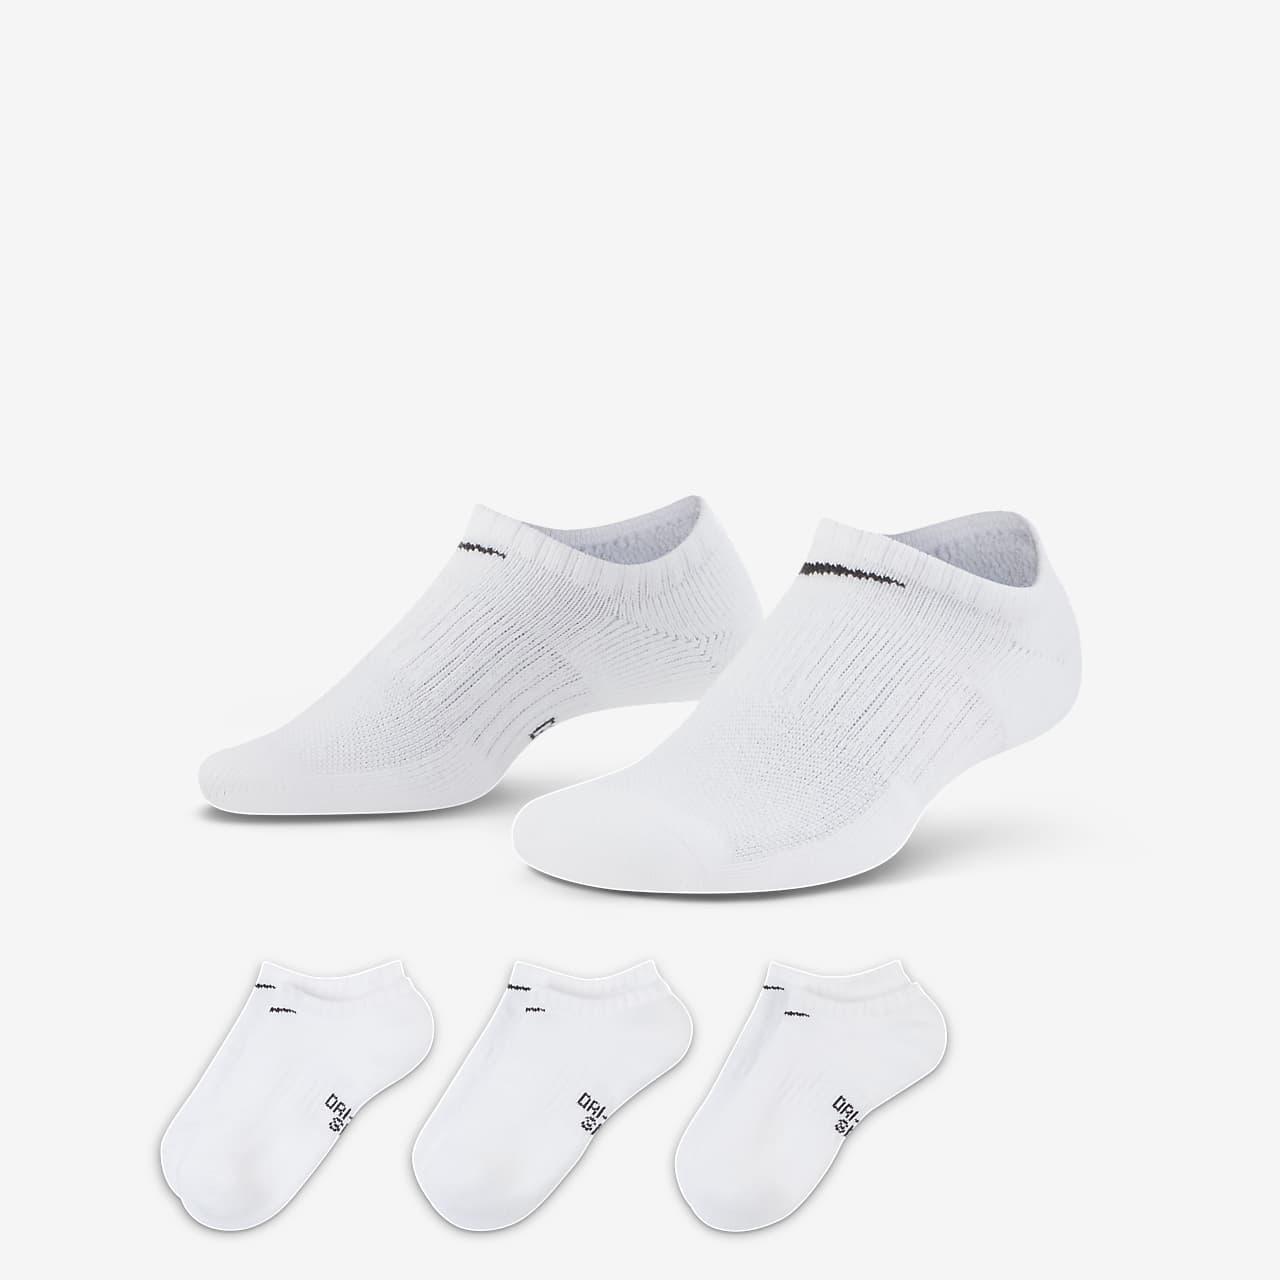 Chaussettes de training Nike Performance Cushioned No-Show pour Enfant (3 paires)